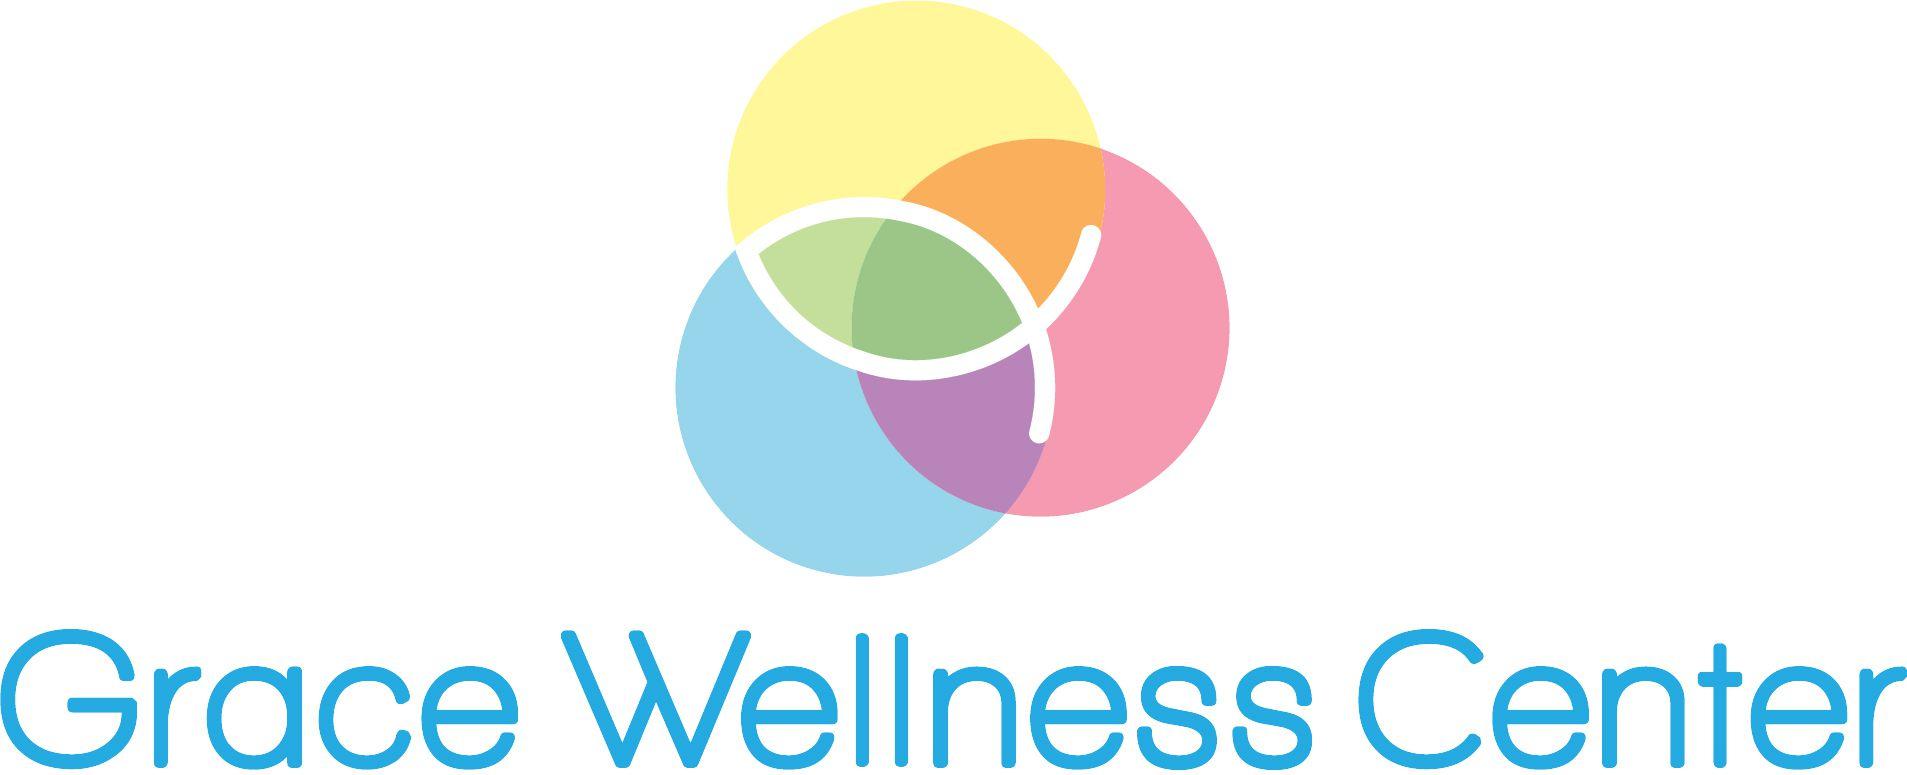 Grace Wellness Center